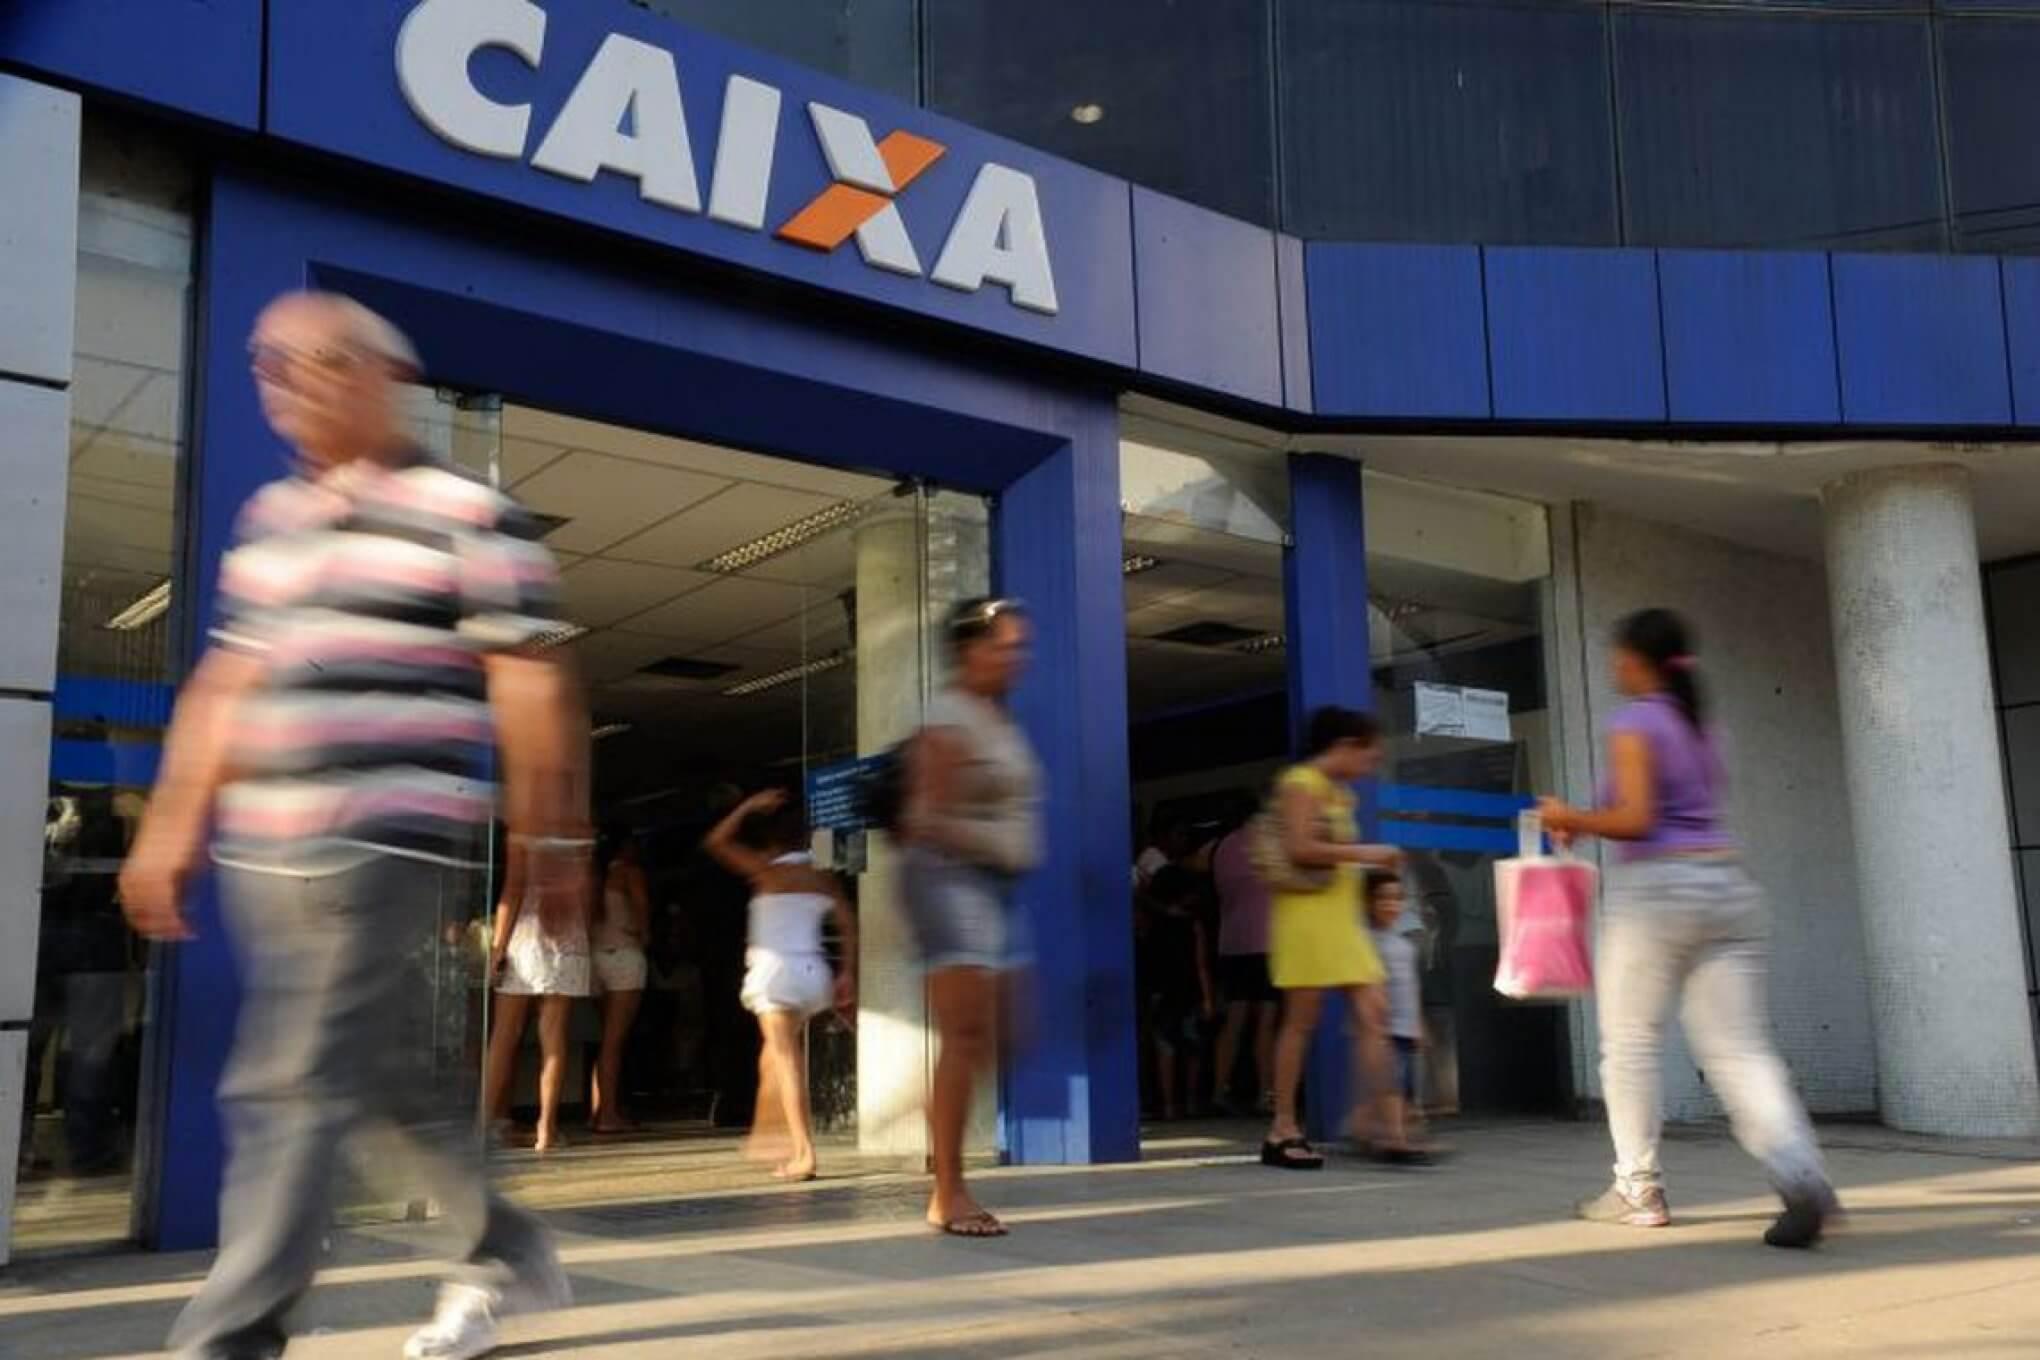 Caixa Seguridade recebe R$ 30 milhões por conclusão de acordo com Tempo Assist